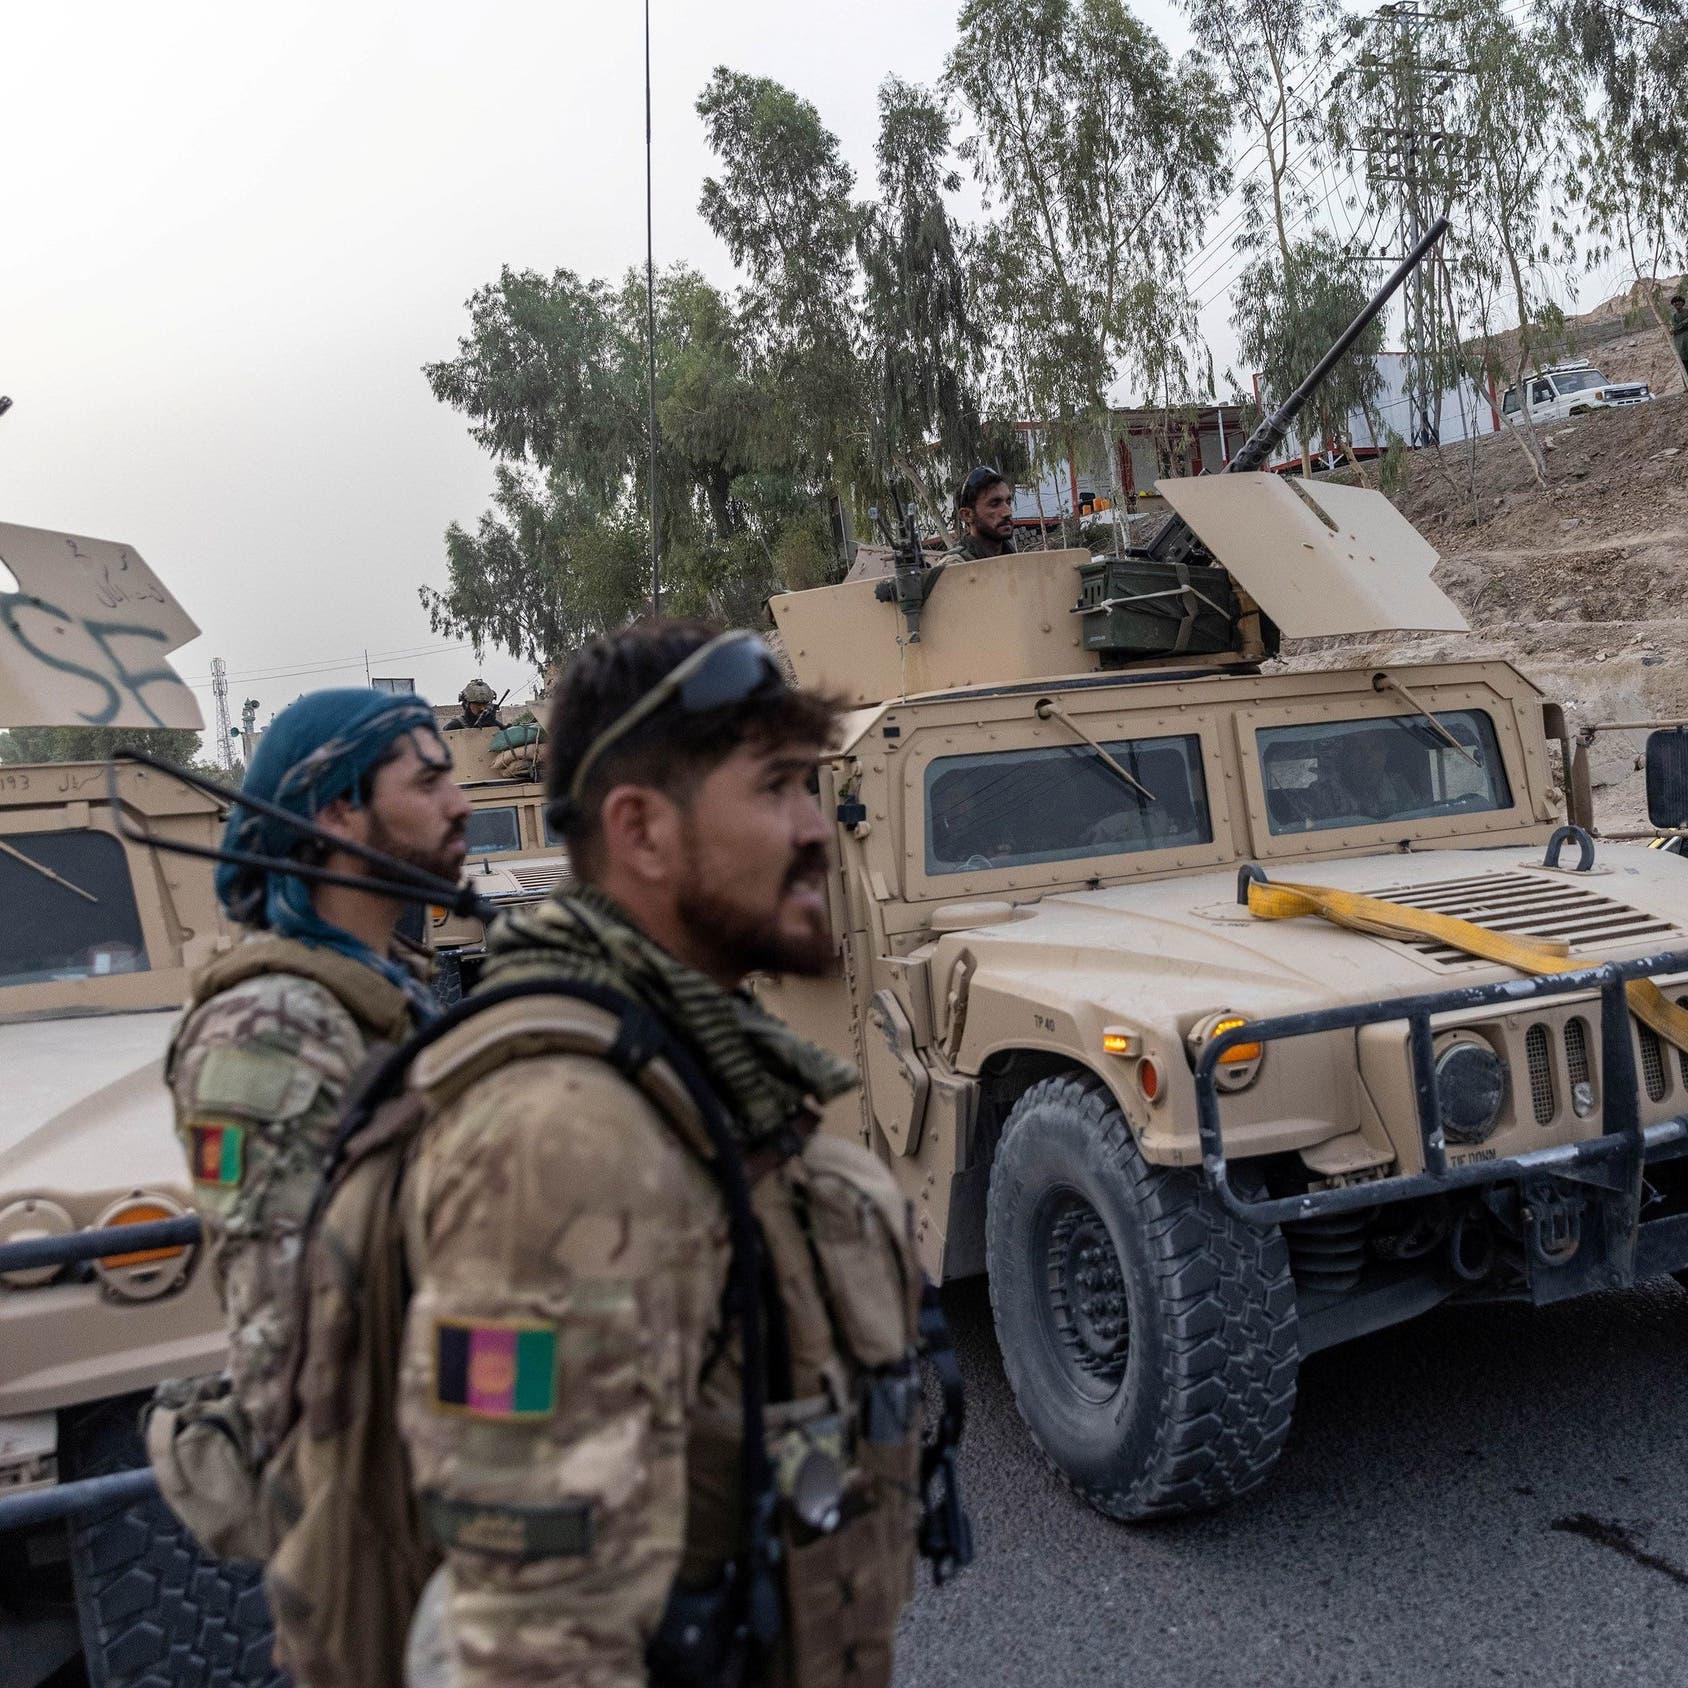 فرار آلاف الأسر من المعارك في قندهار معقل طالبان السابق